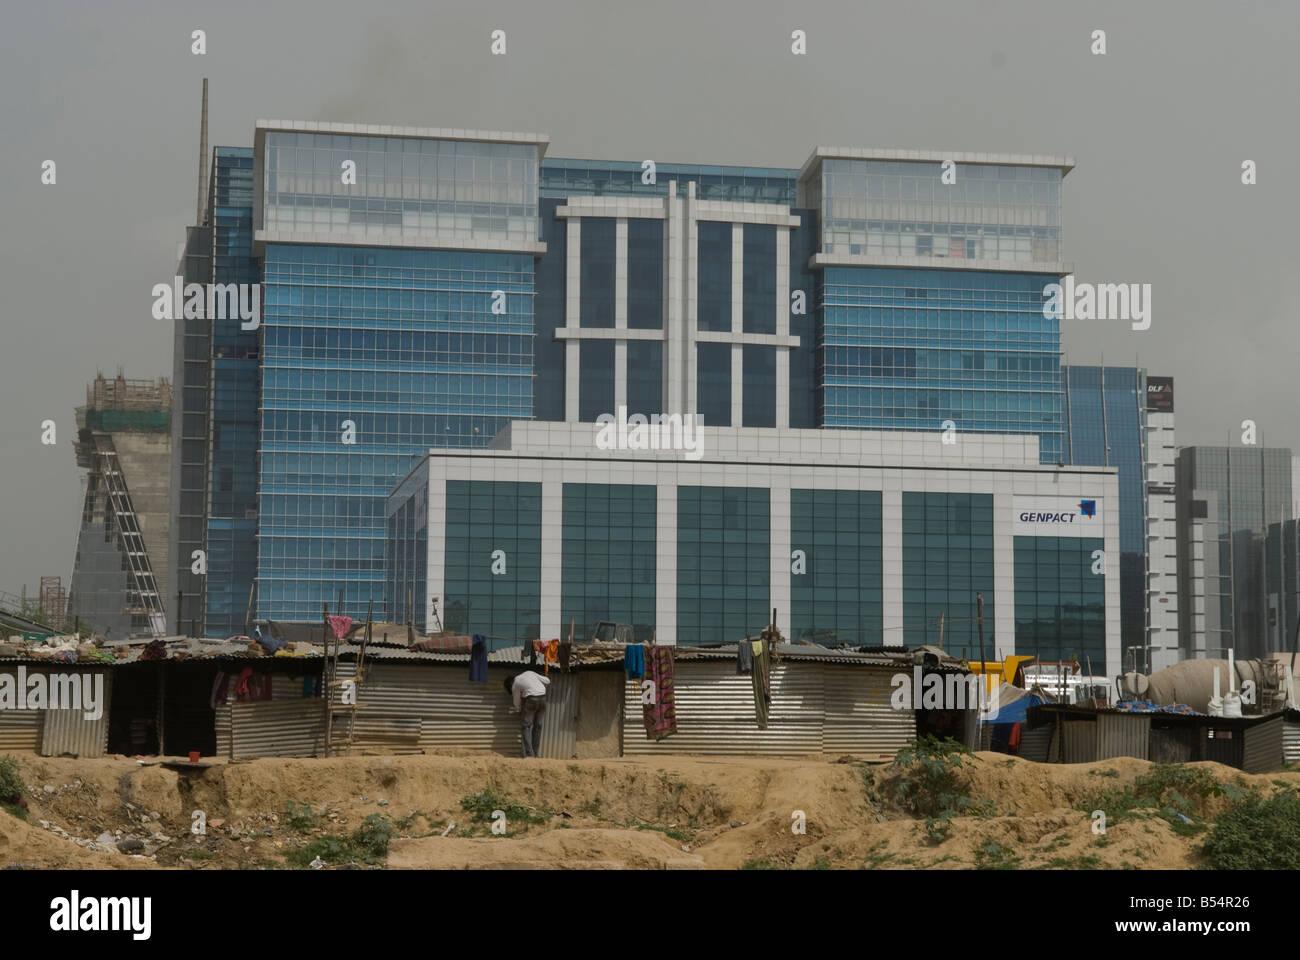 DLF edificio in Gurgaon, New Delhi CBD. Immagini Stock